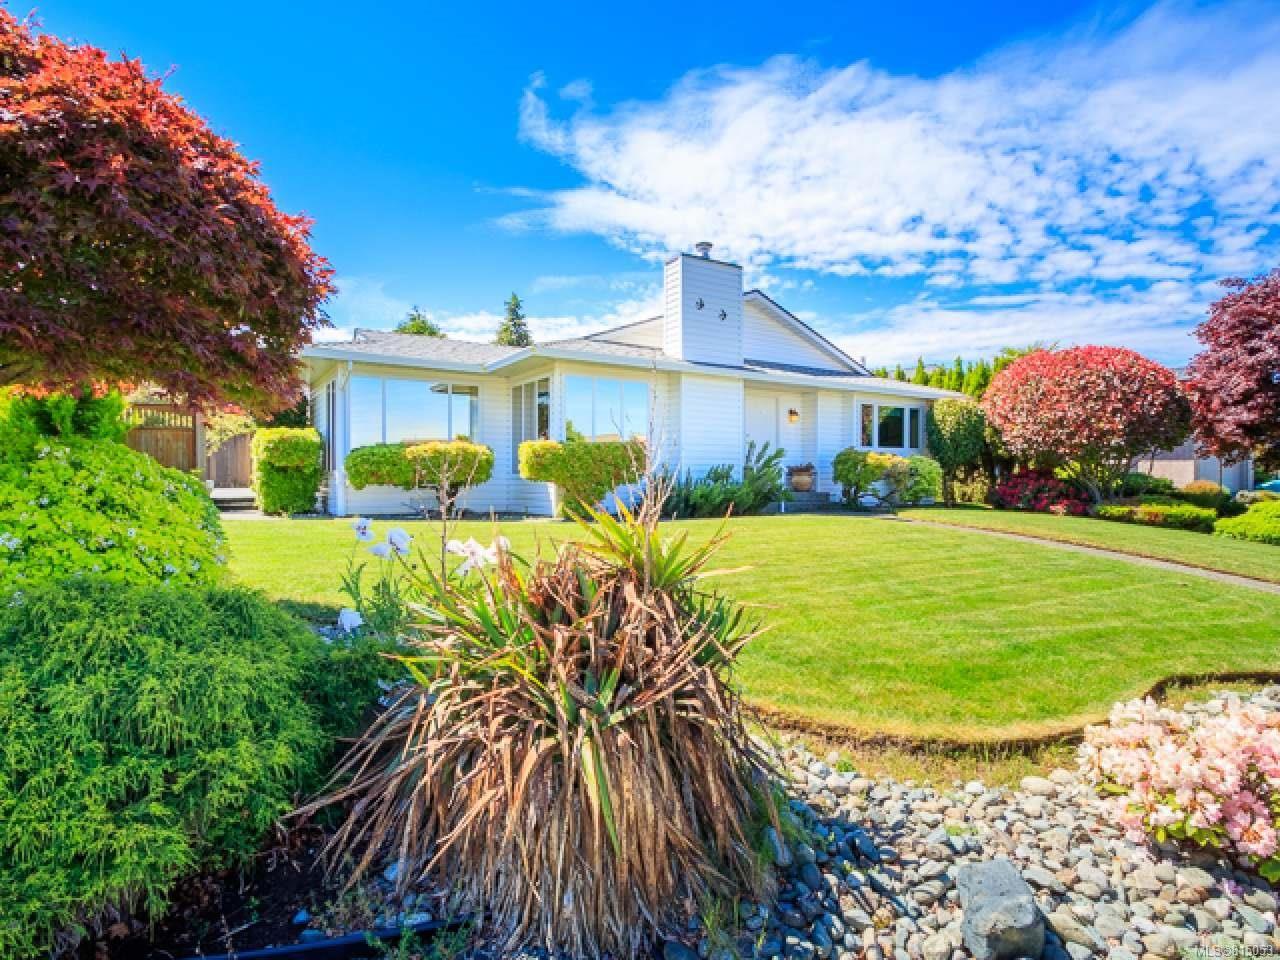 Main Photo: 6357 BLUEBACK ROAD in NANAIMO: Na North Nanaimo House for sale (Nanaimo)  : MLS®# 815053